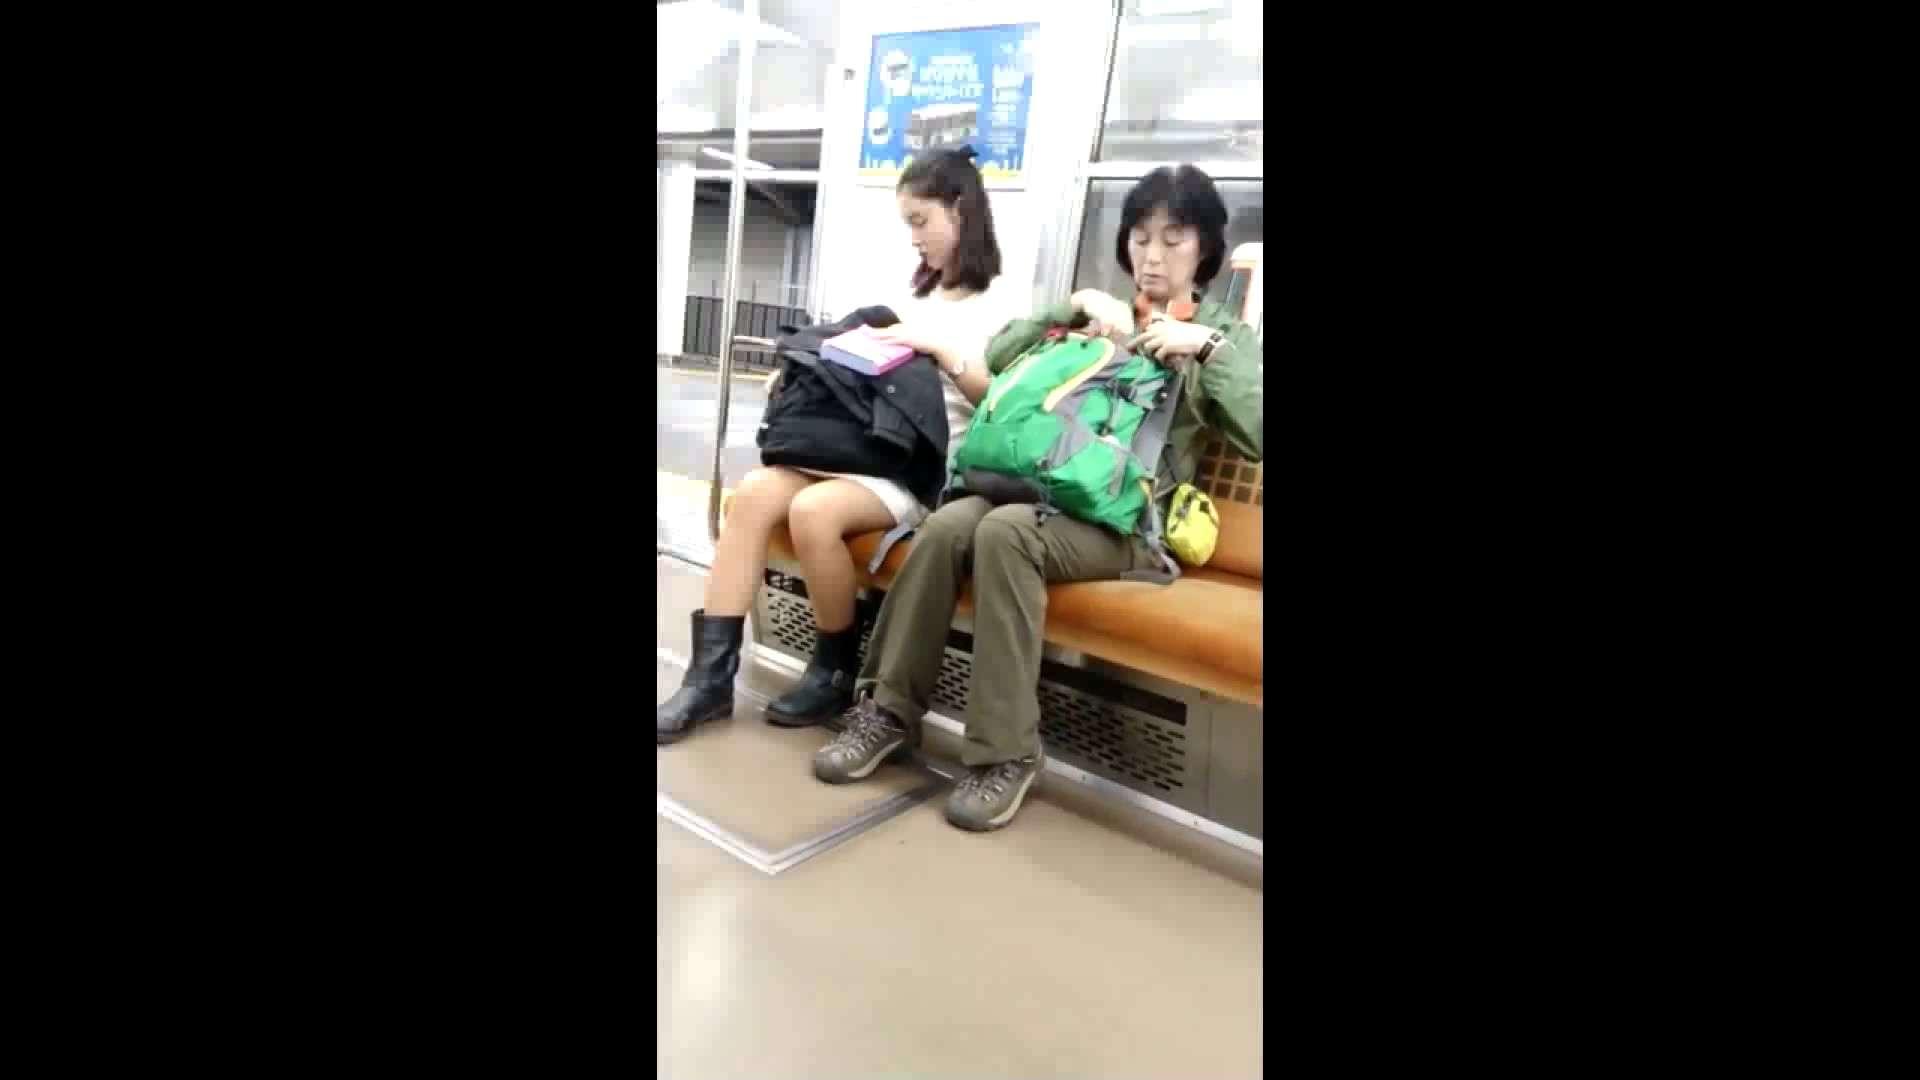 盗撮列車 vol.02 NINJAさんの粘着撮り 盗撮 | OLの実態  76pic 73